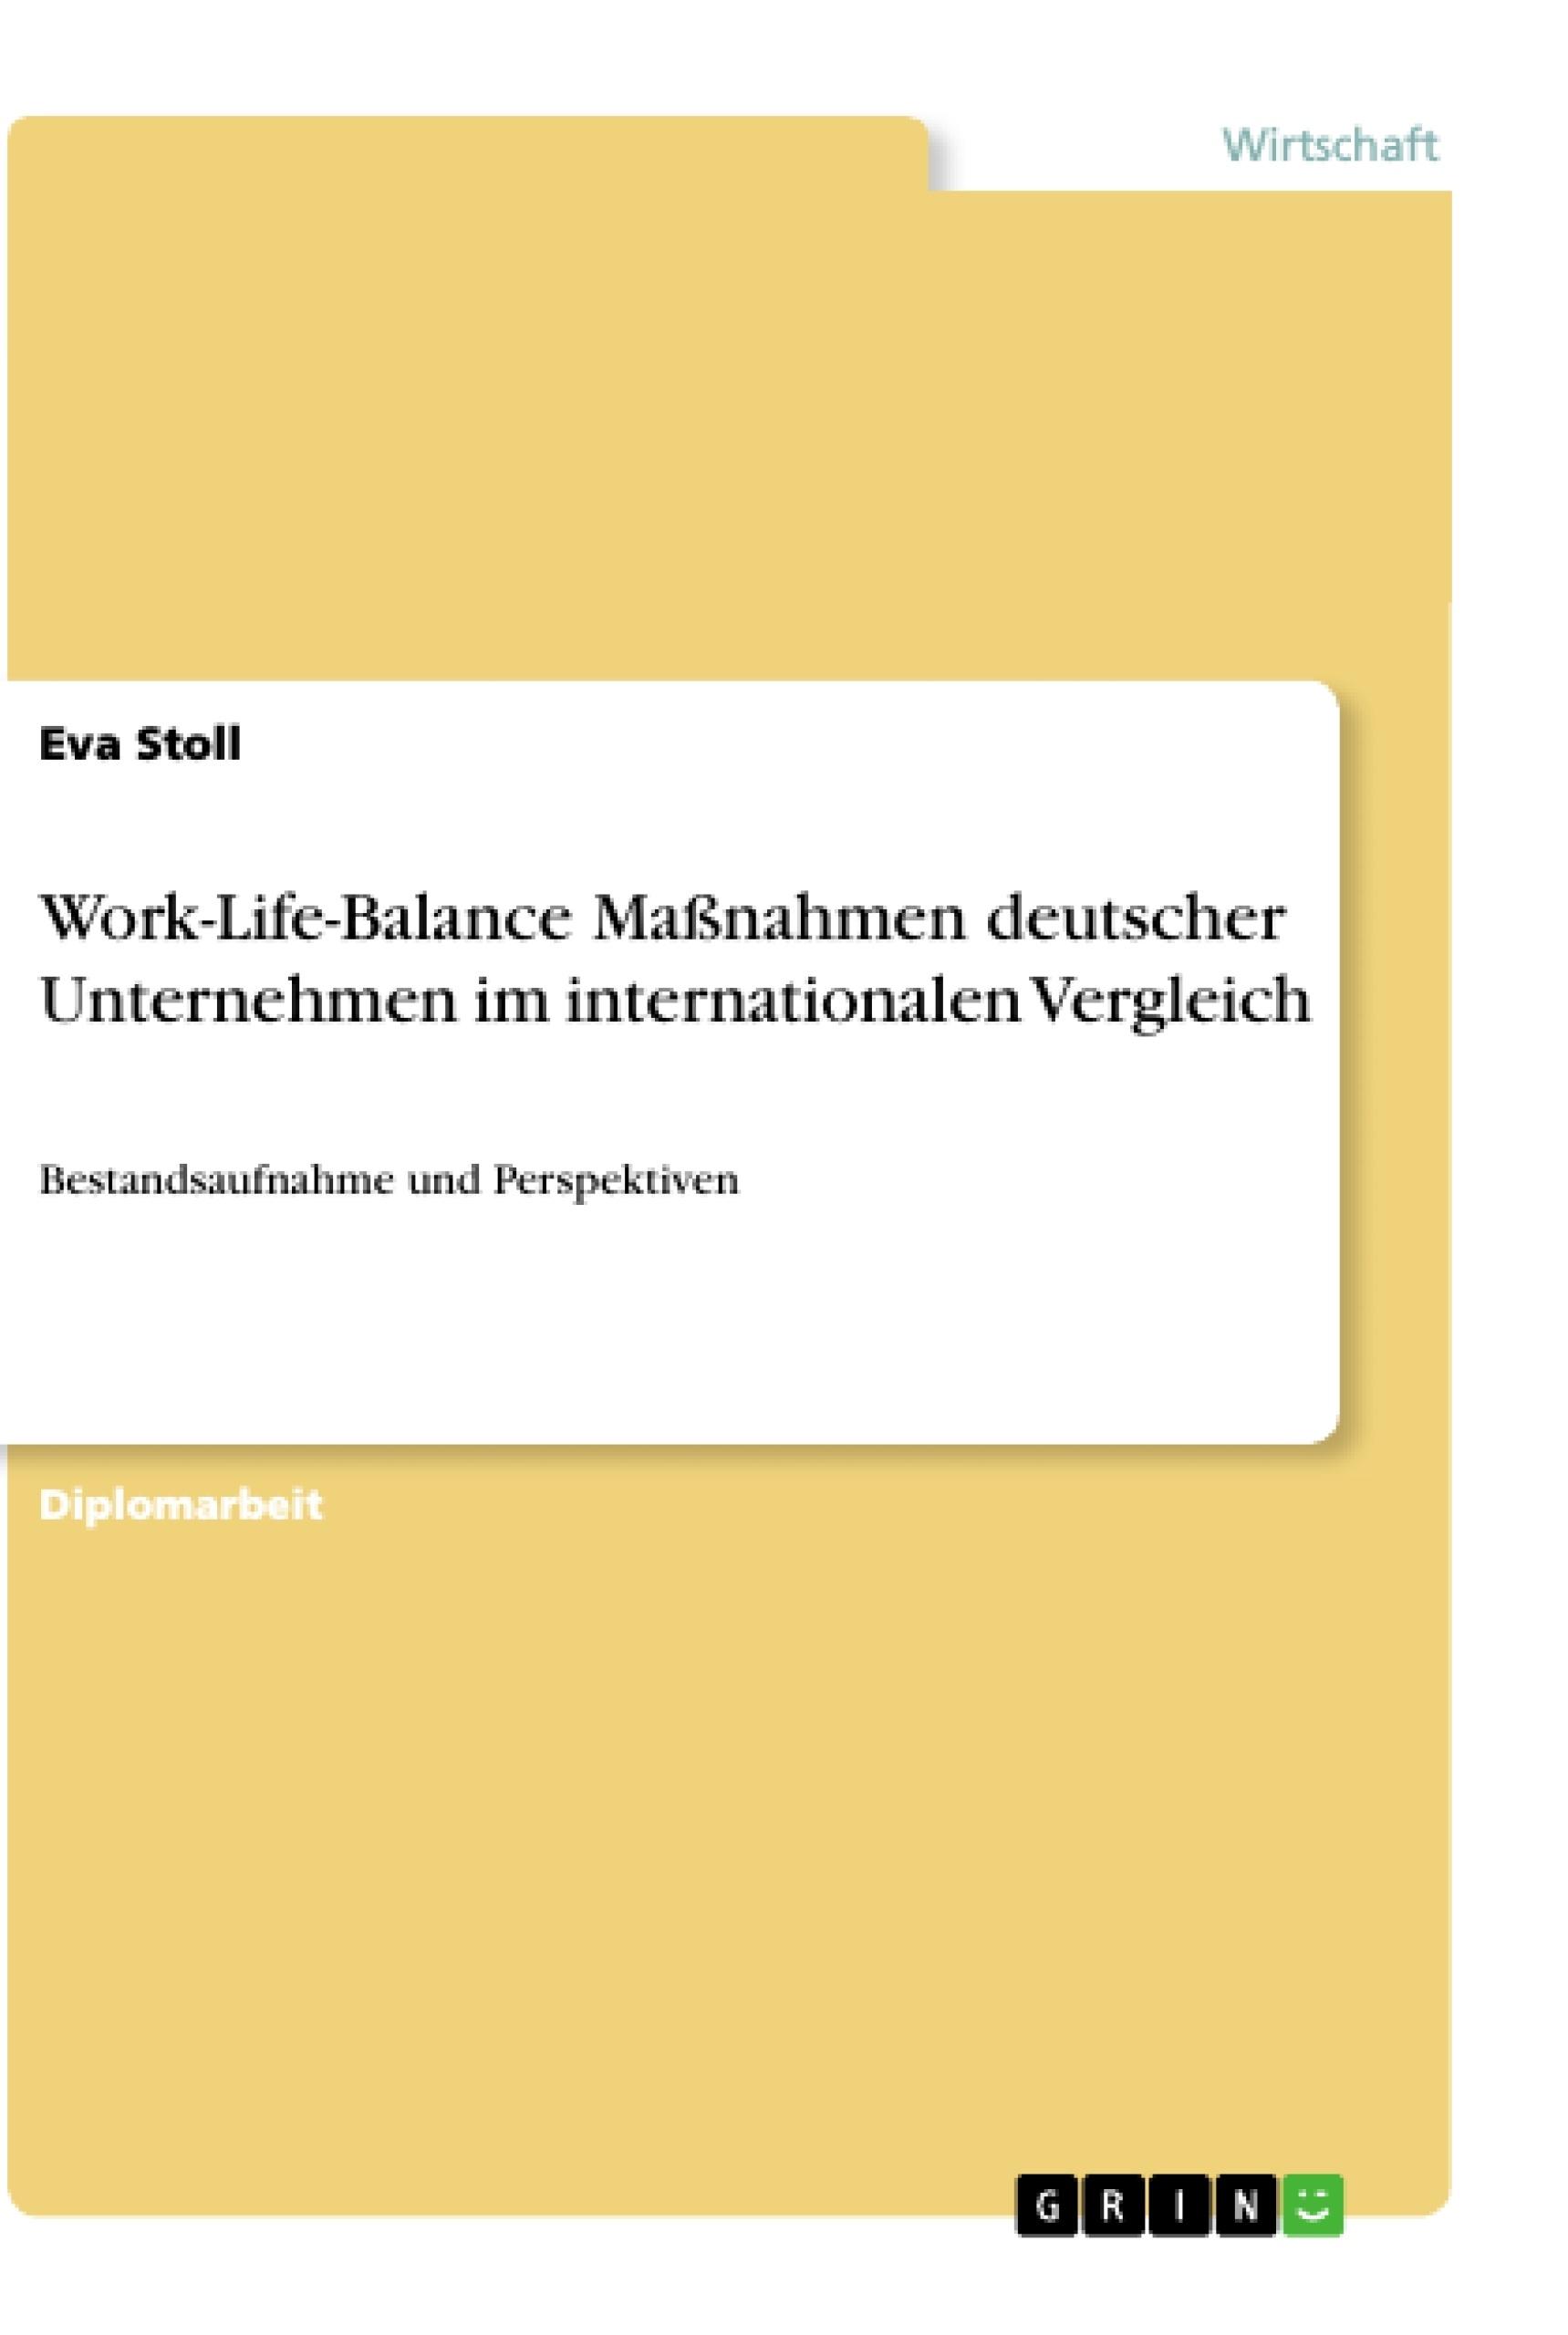 Titel: Work-Life-Balance Maßnahmen deutscher Unternehmen  im internationalen Vergleich